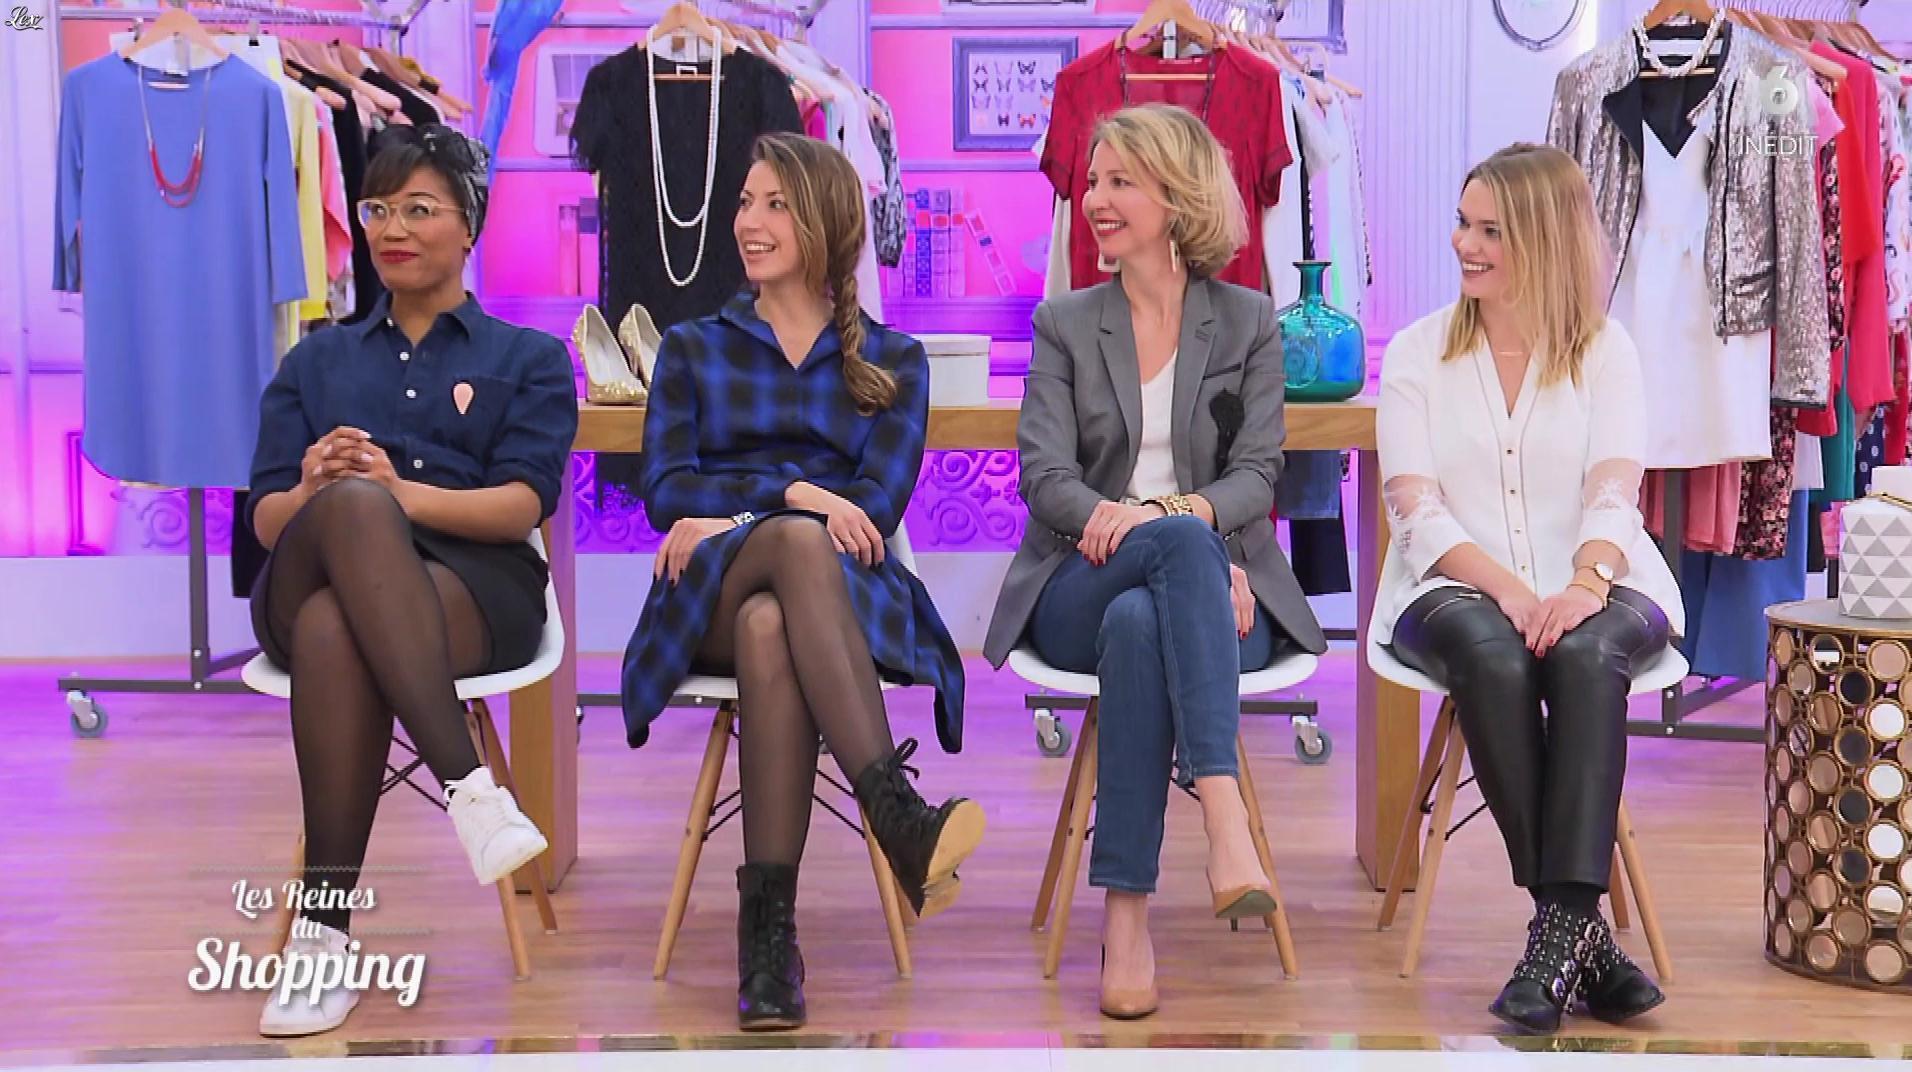 Une Candidate dans les Reines du Shopping. Diffusé à la télévision le 21/06/18.